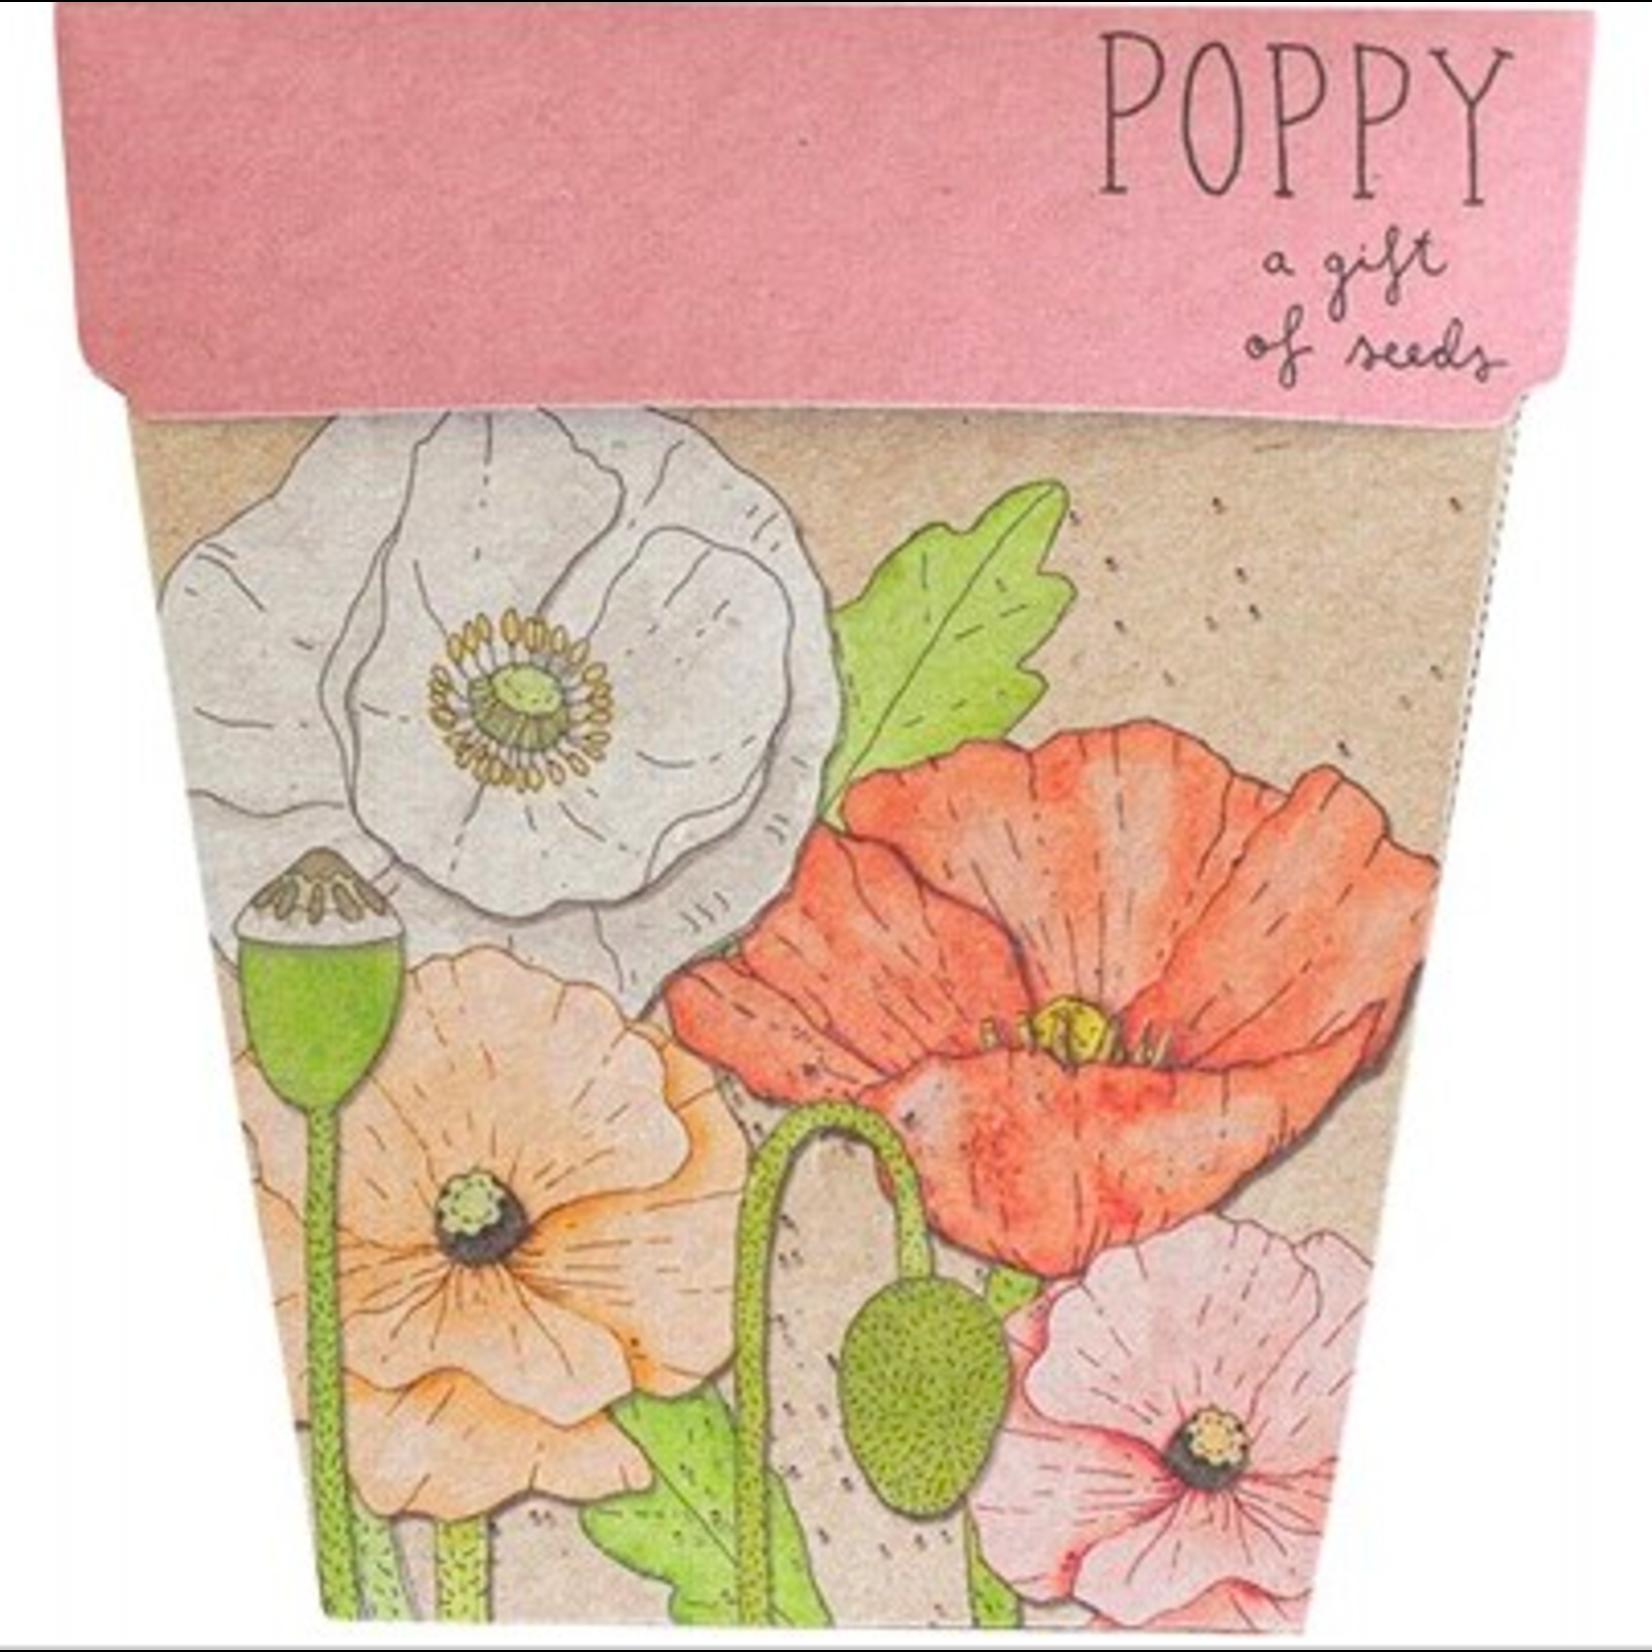 Sow 'n Sow Sow 'N Sow Gift of Seeds Poppy